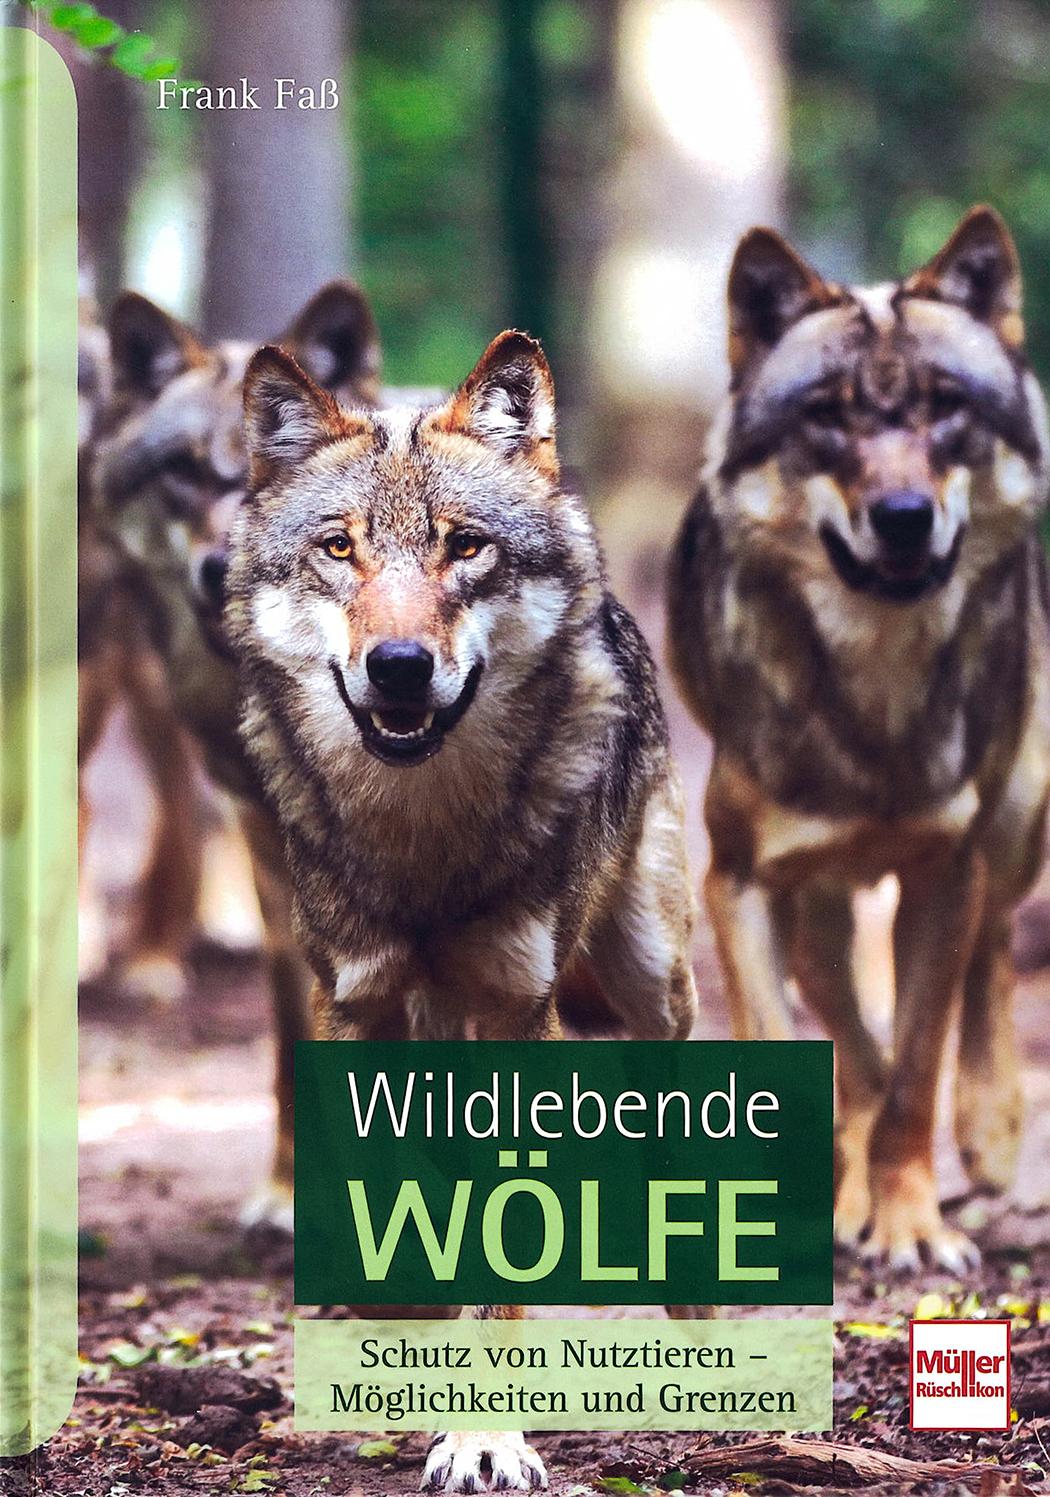 Wolfcenter, Frank Faß, Buch, Wildlebende Wölfe, Schutz von Nutztieren, Presse